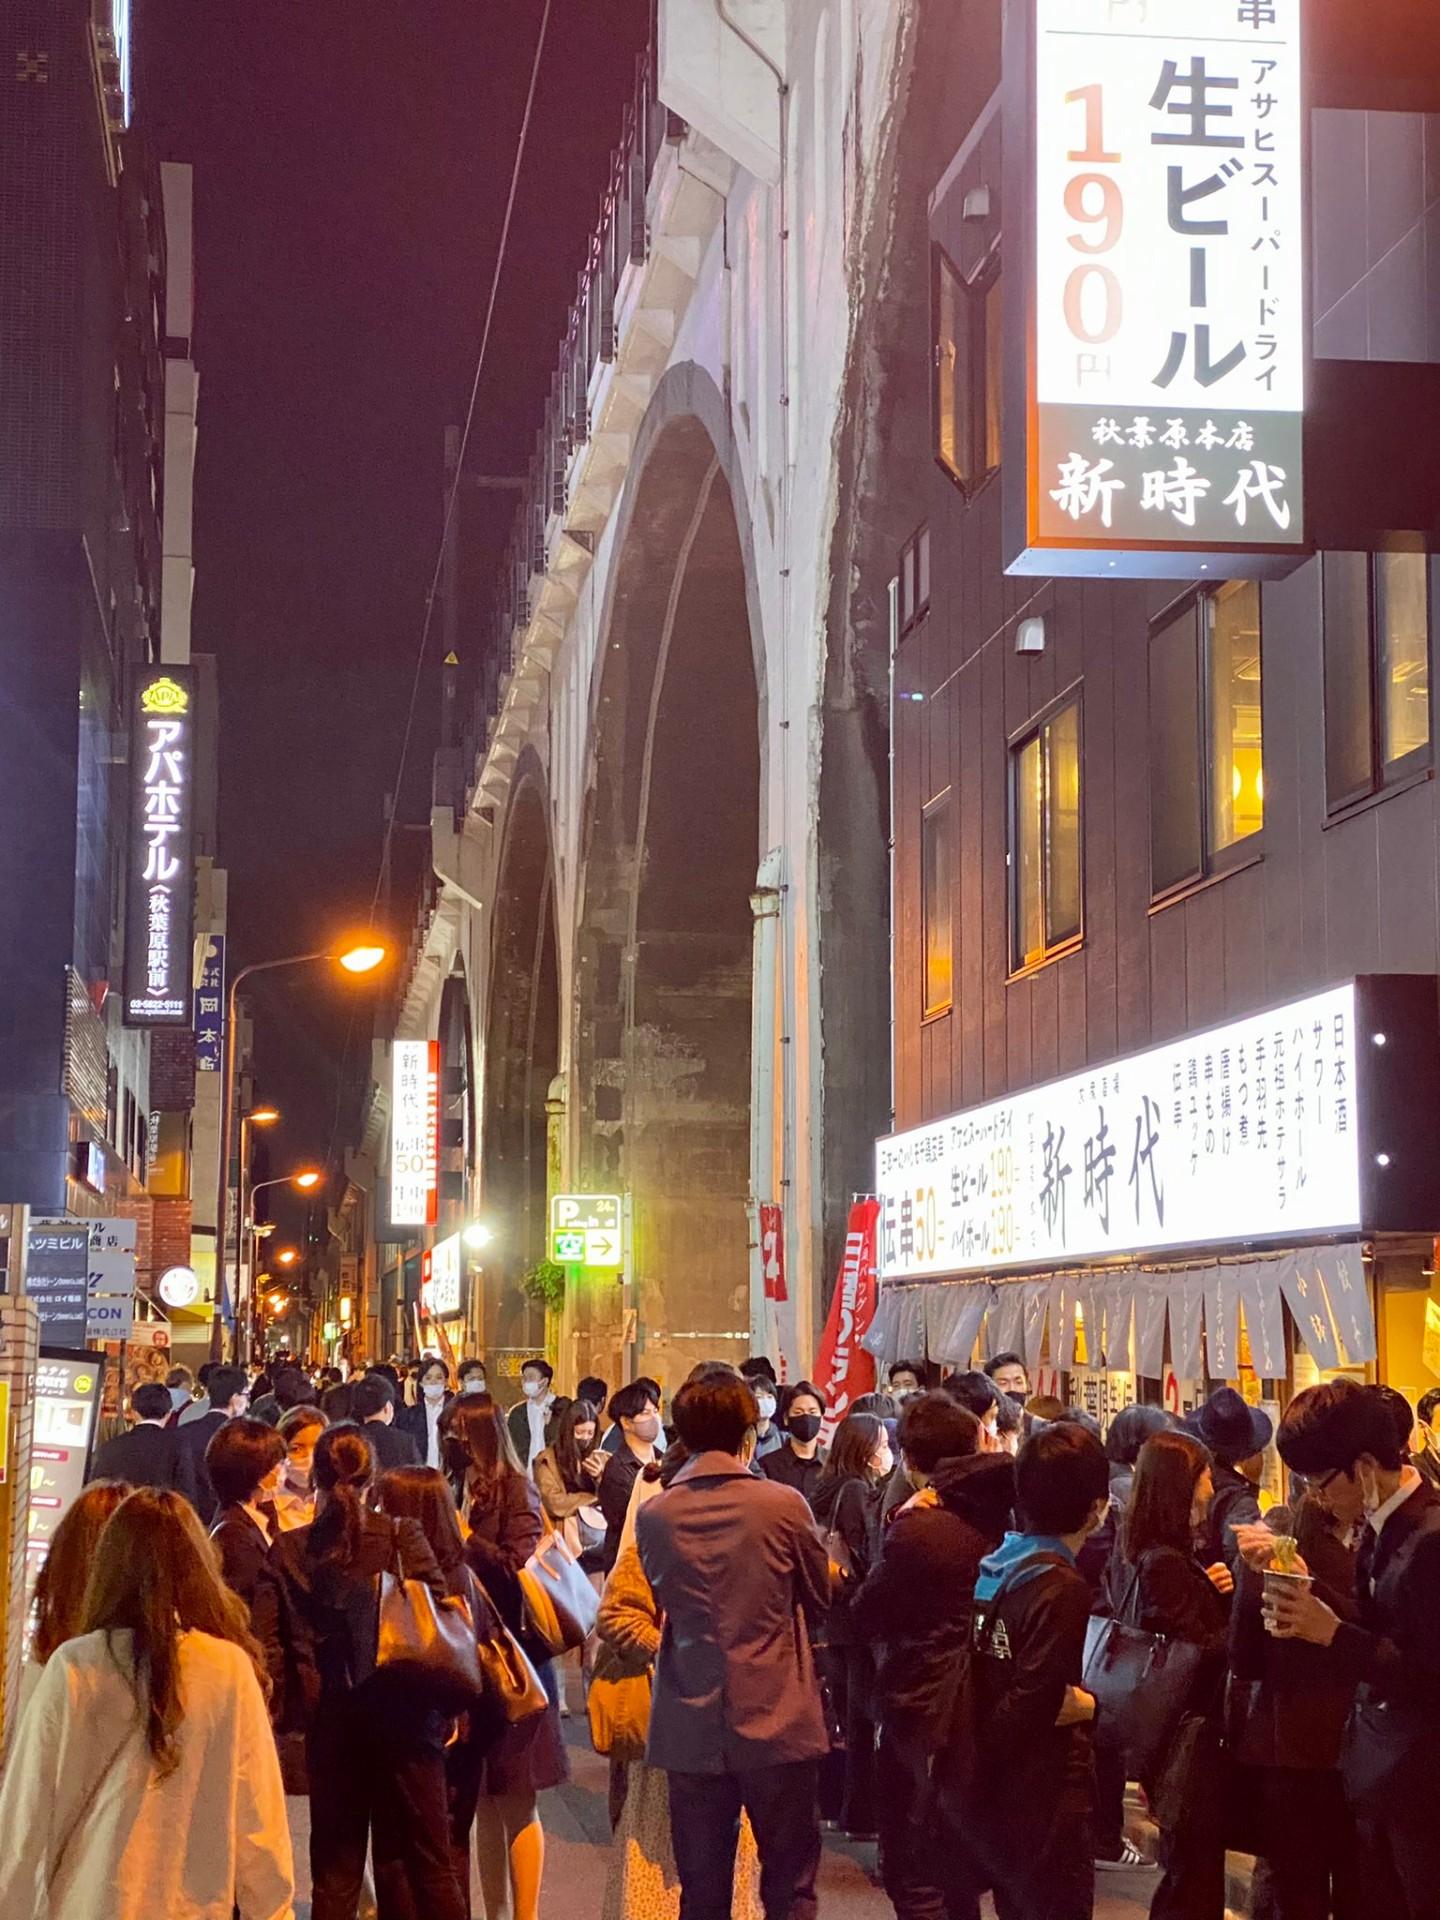 【画像】なんで東京ってこんなバカばかりなの?